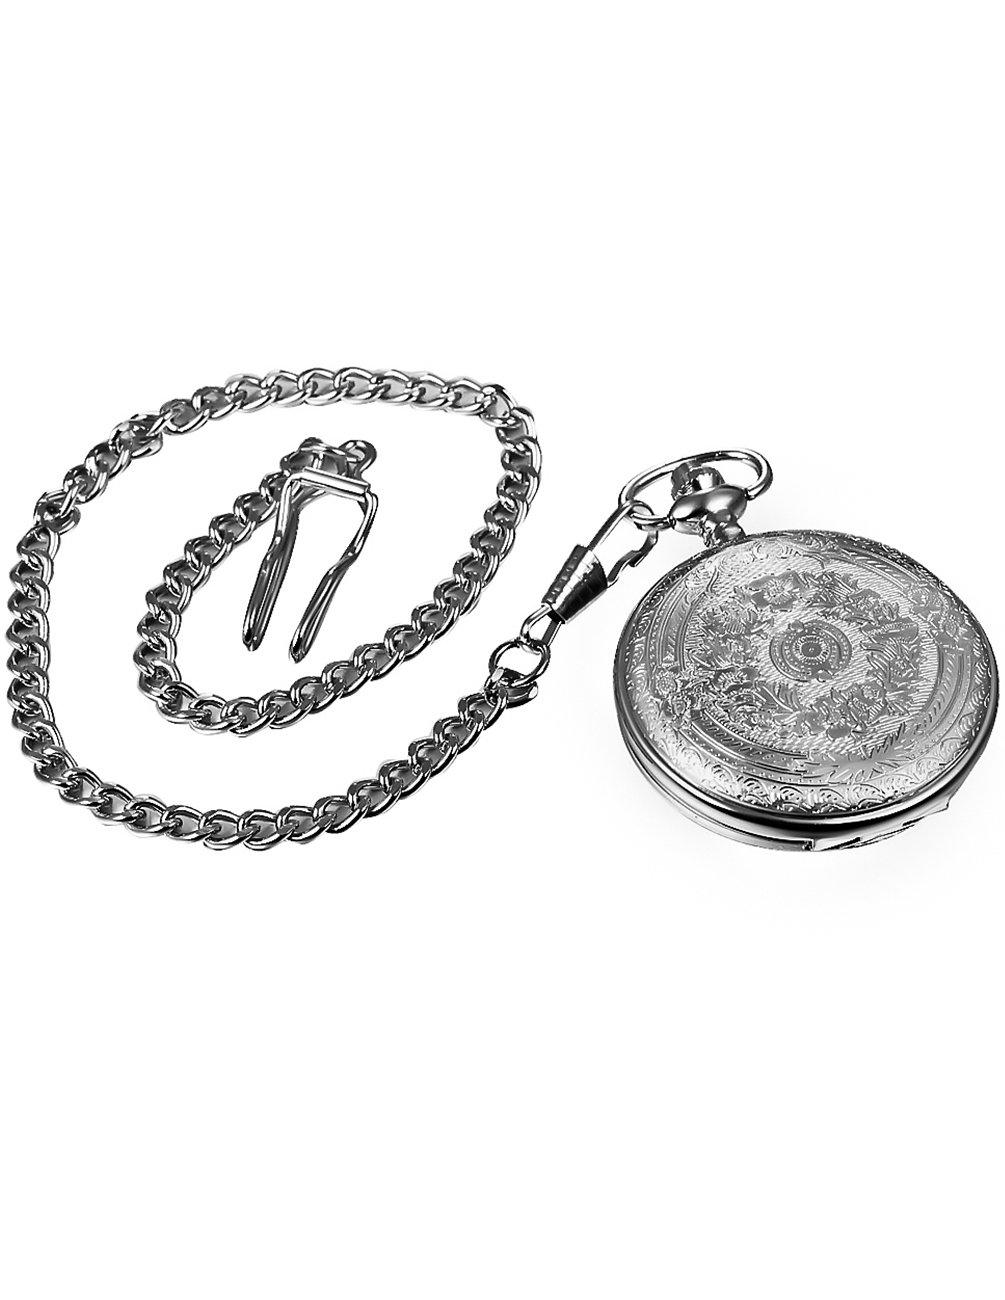 Mudder Vintage Silver Stainless Steel Quartz Pocket Watch